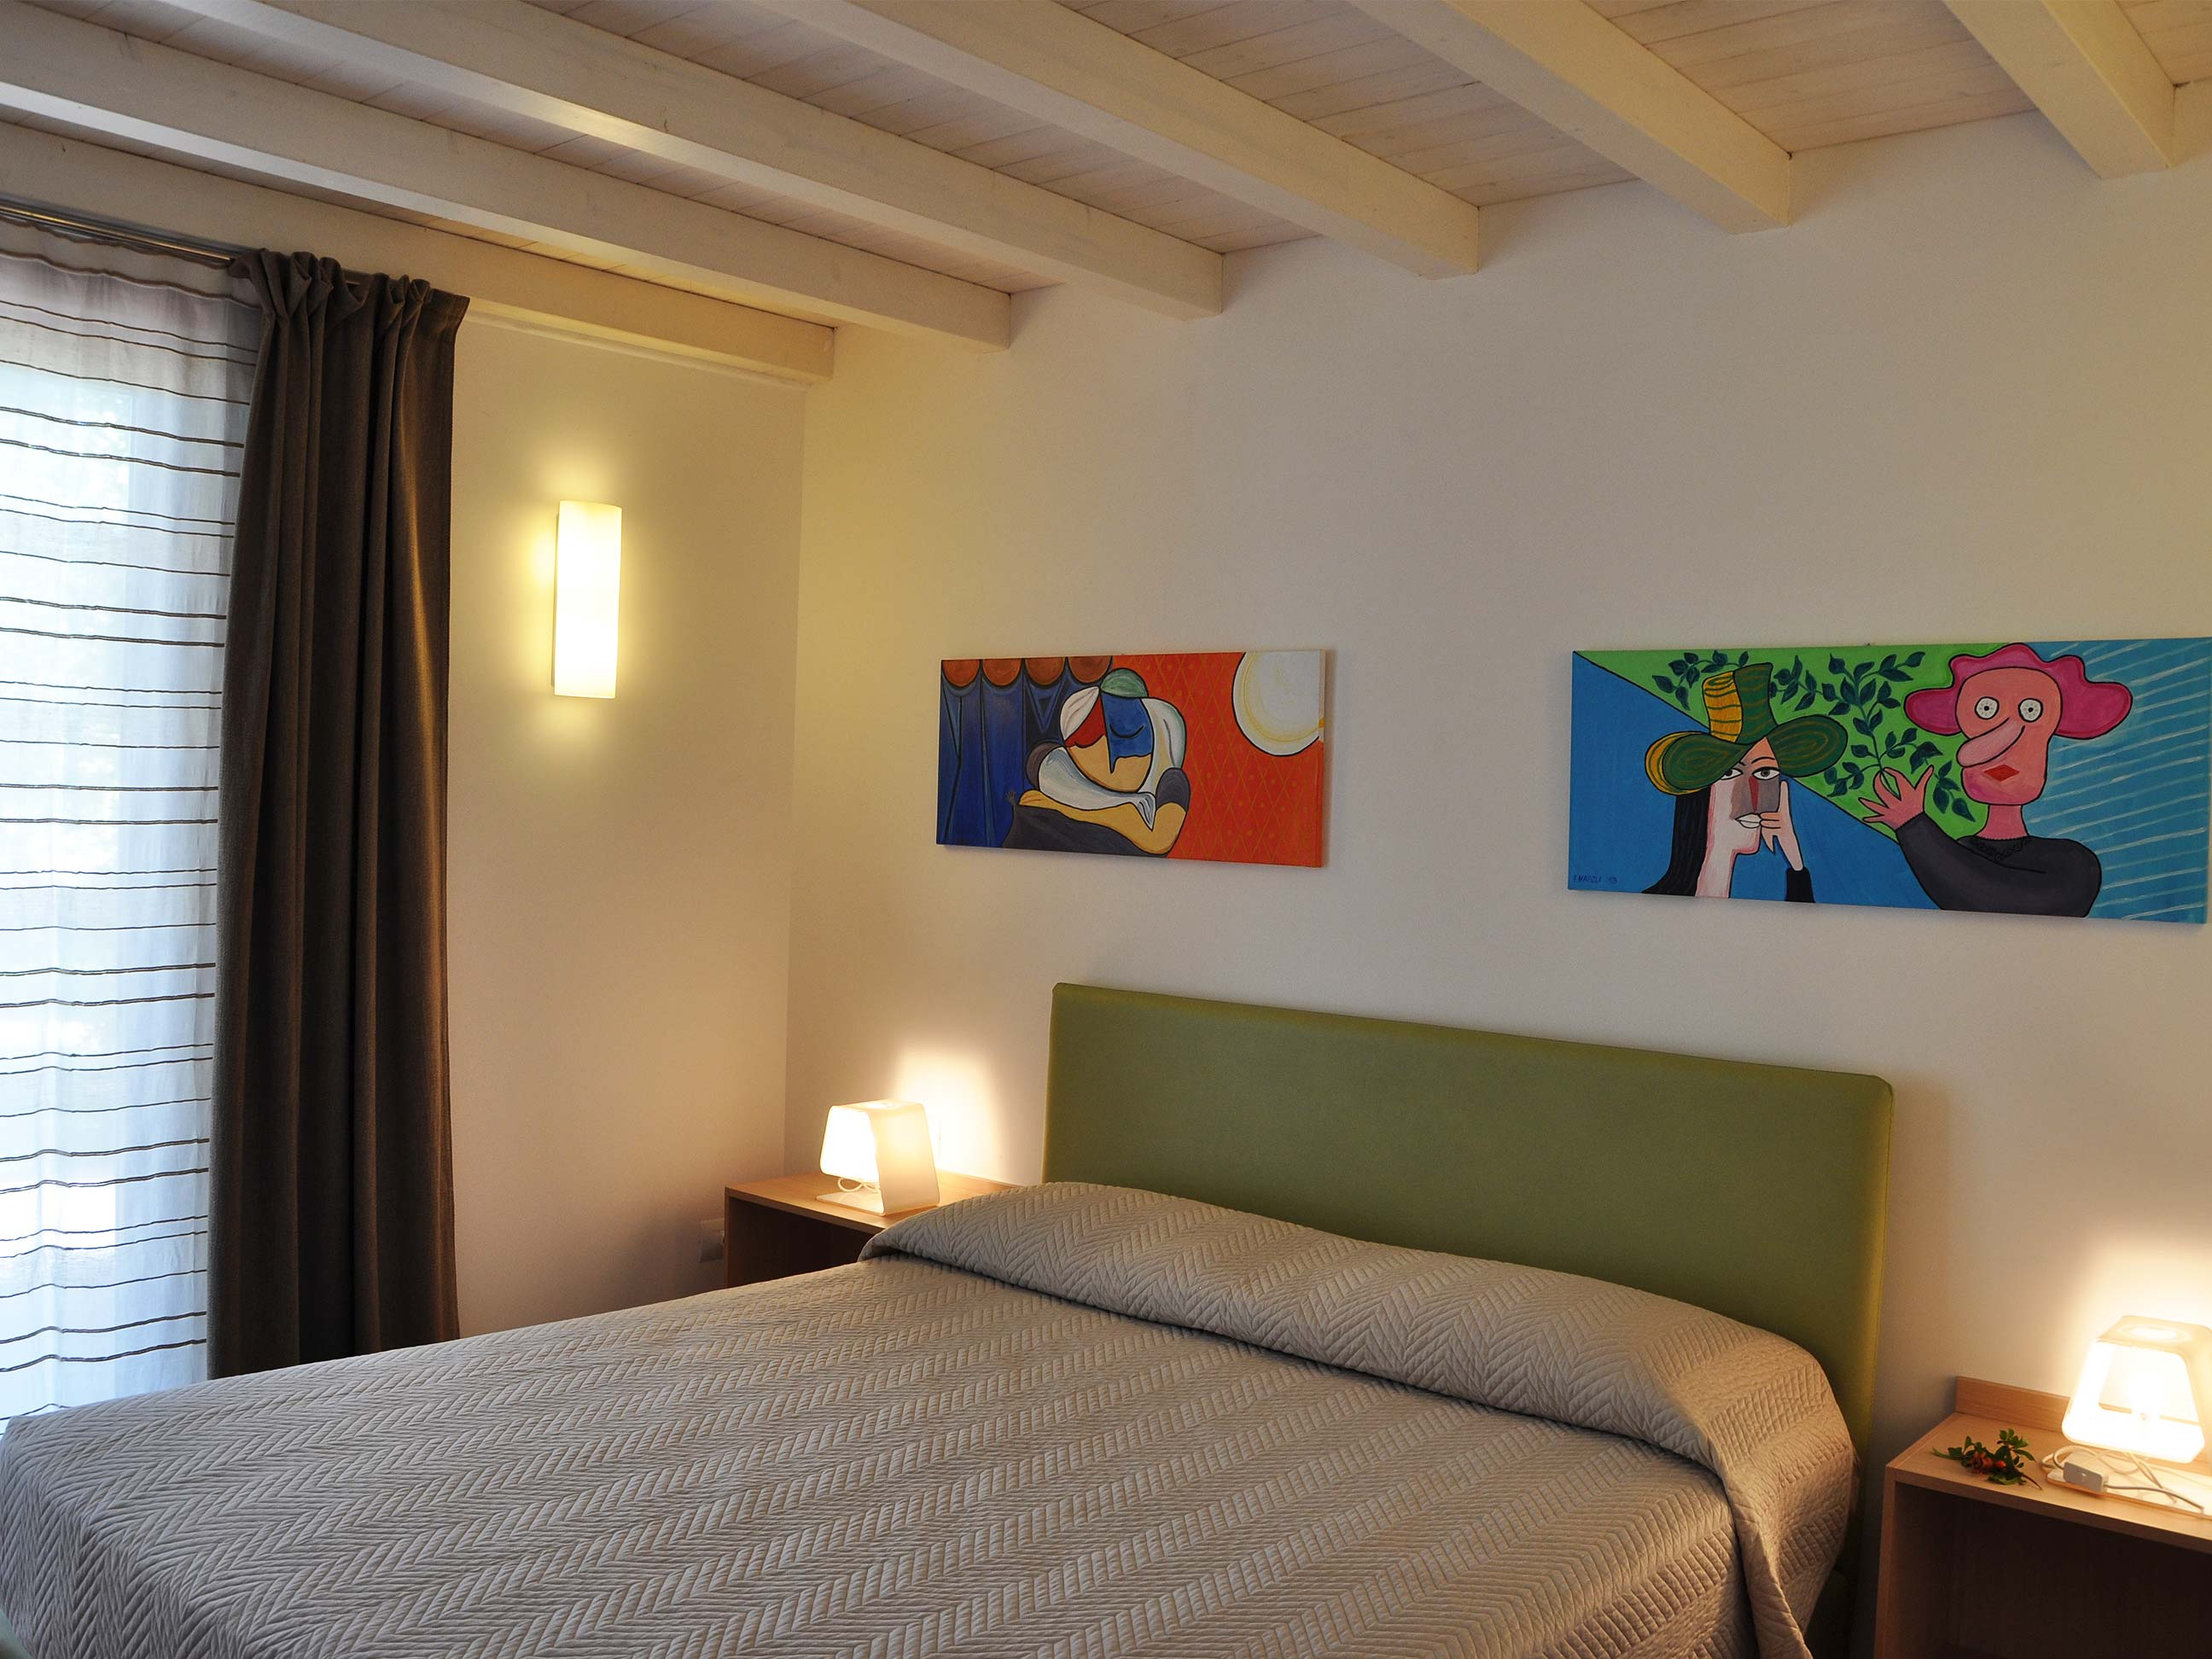 Khirat-Menfi-bedroom-12